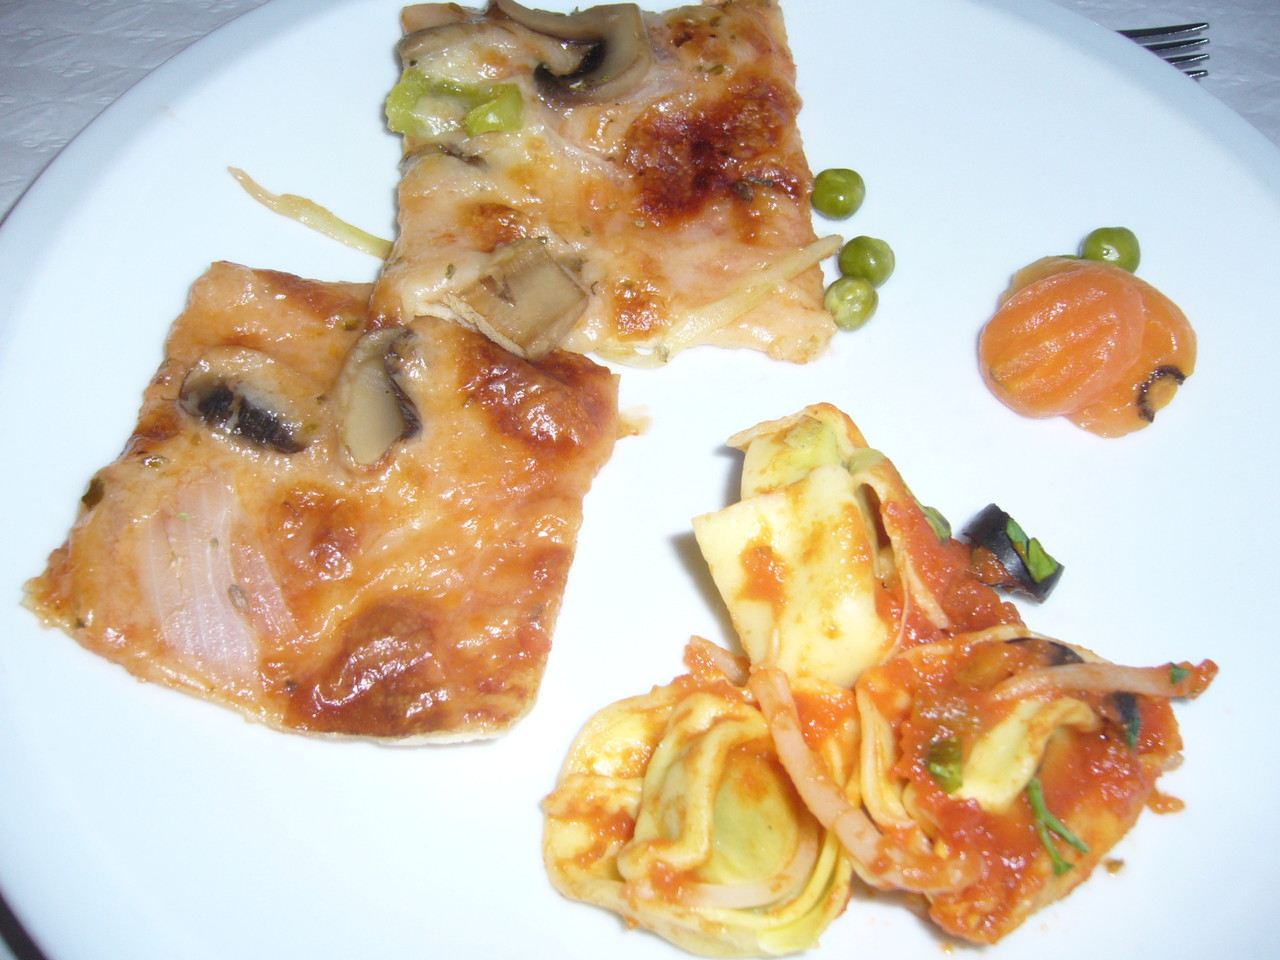 Pizza mit Tomatensoße, Pilzen, Kräuter, Tortellini mit Spinatfüllung